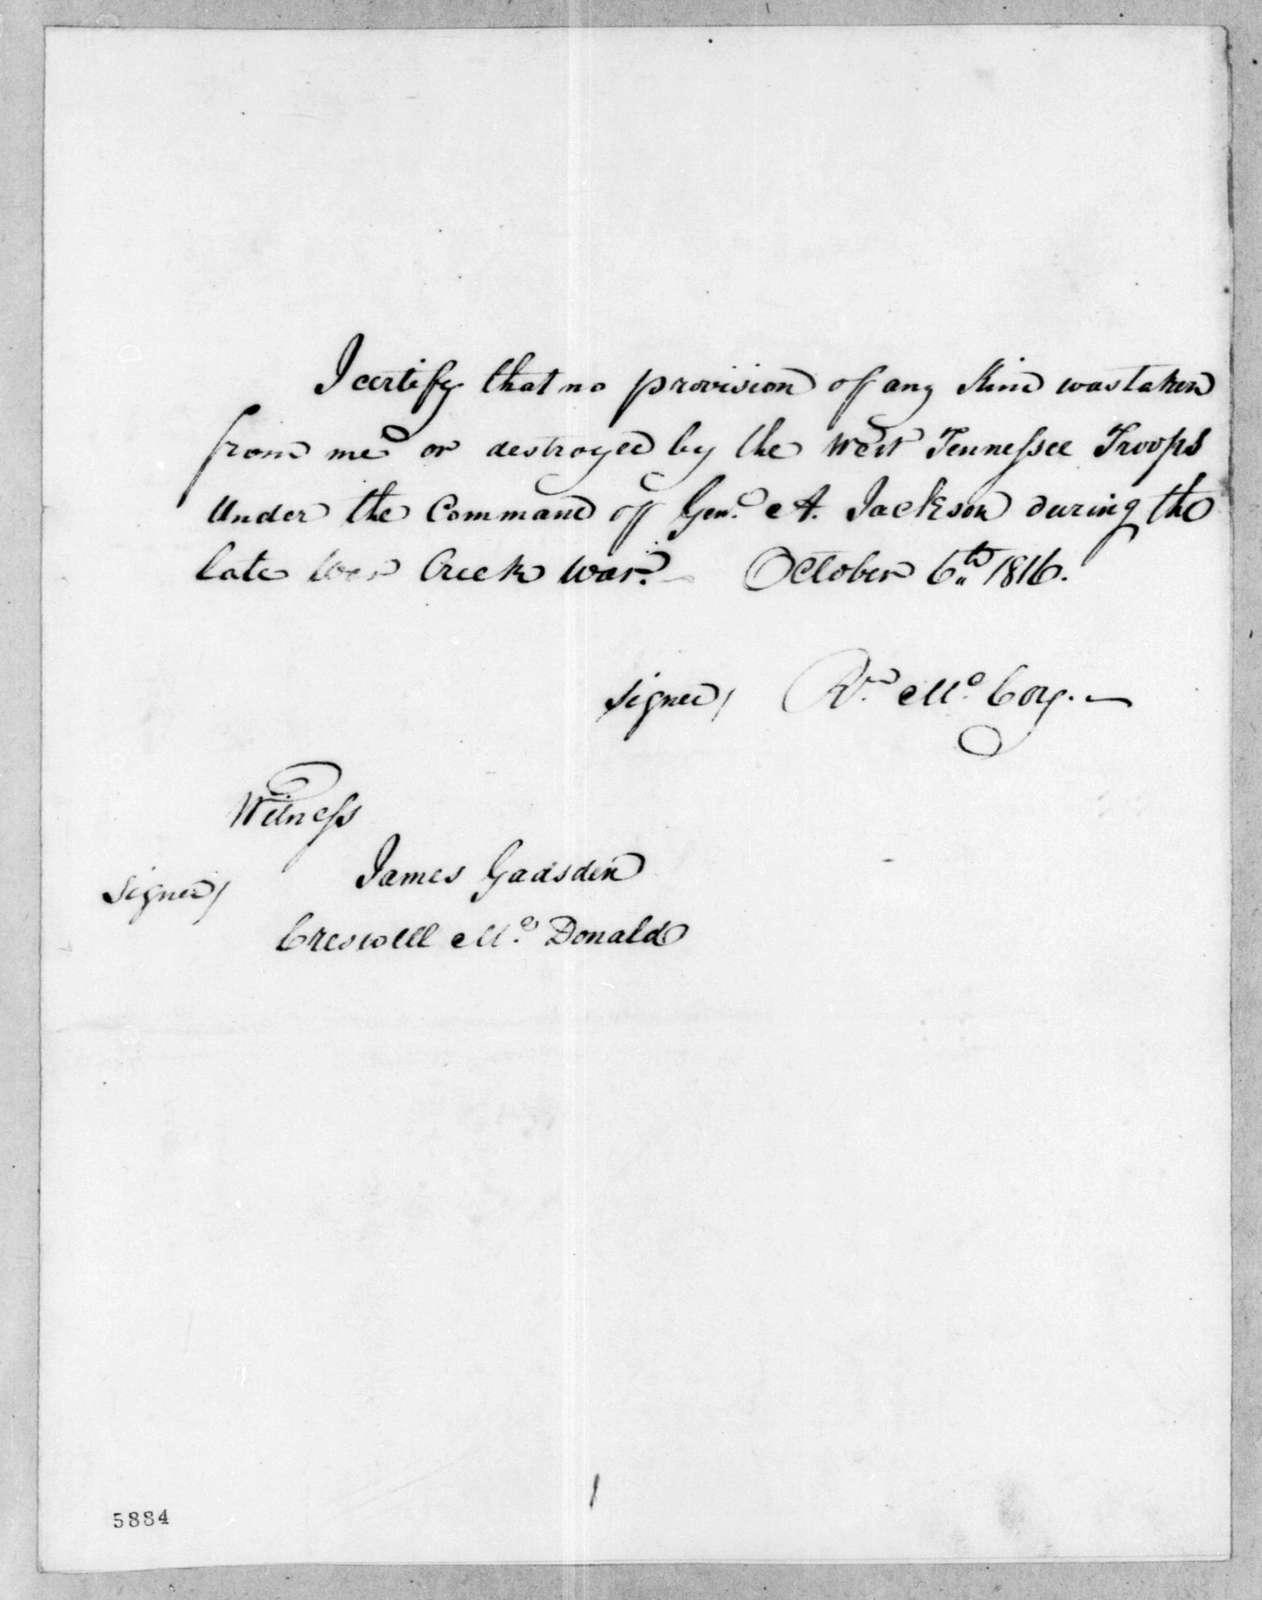 Reuben McCoy, October 6, 1816